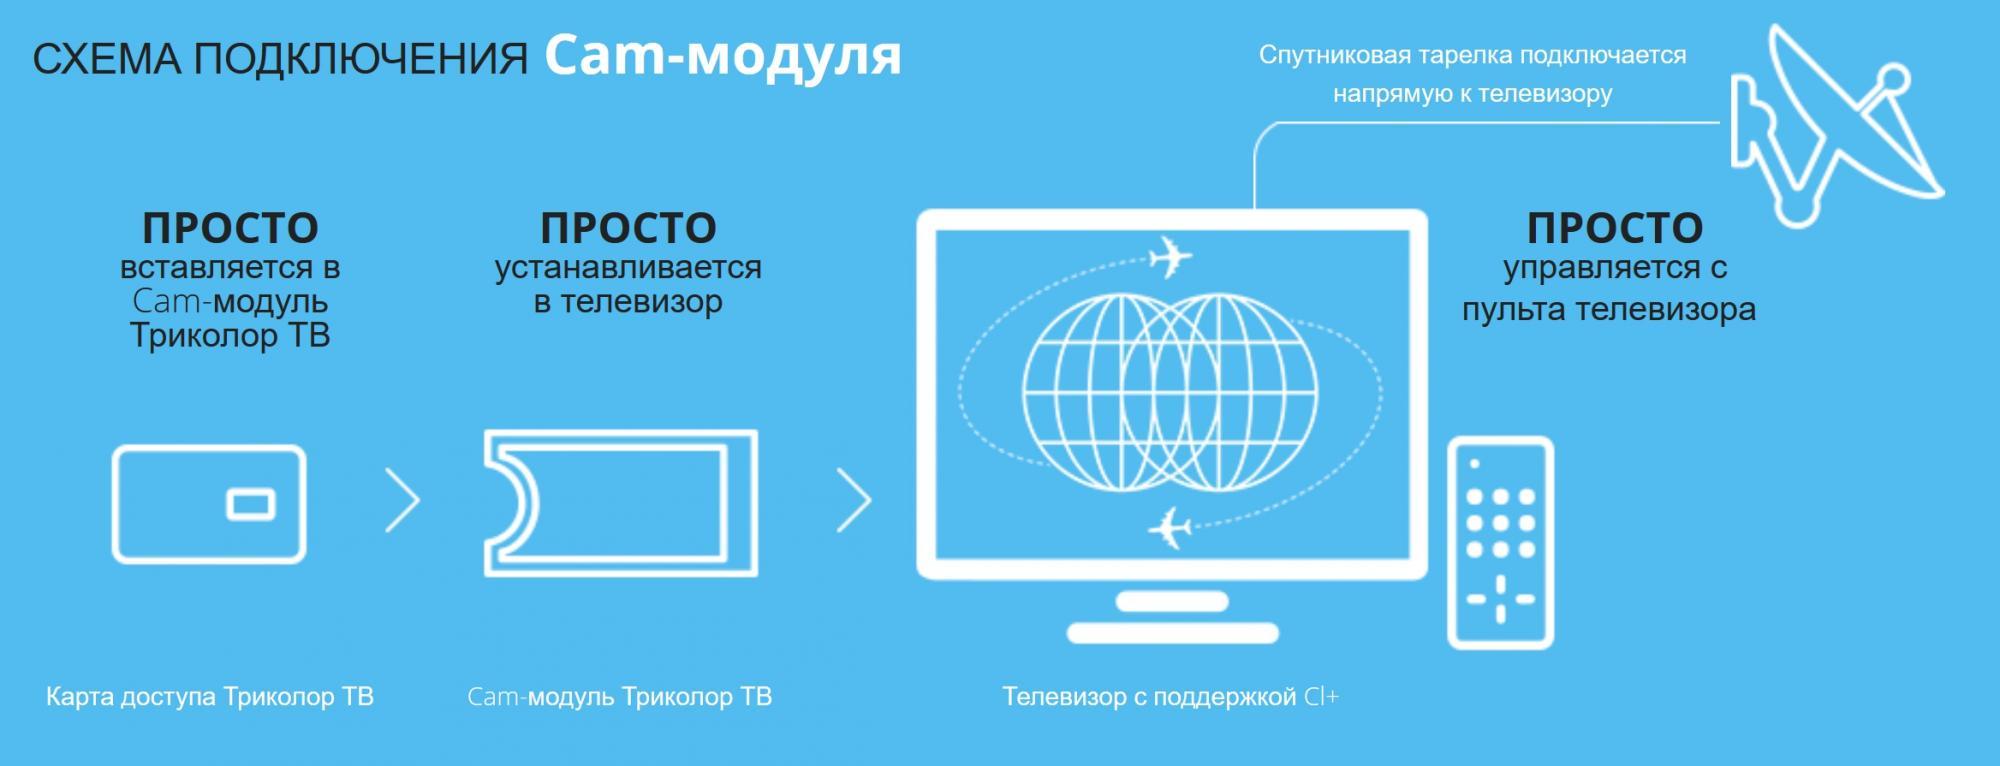 Как вставлять сам модуль мтс в телевизоре